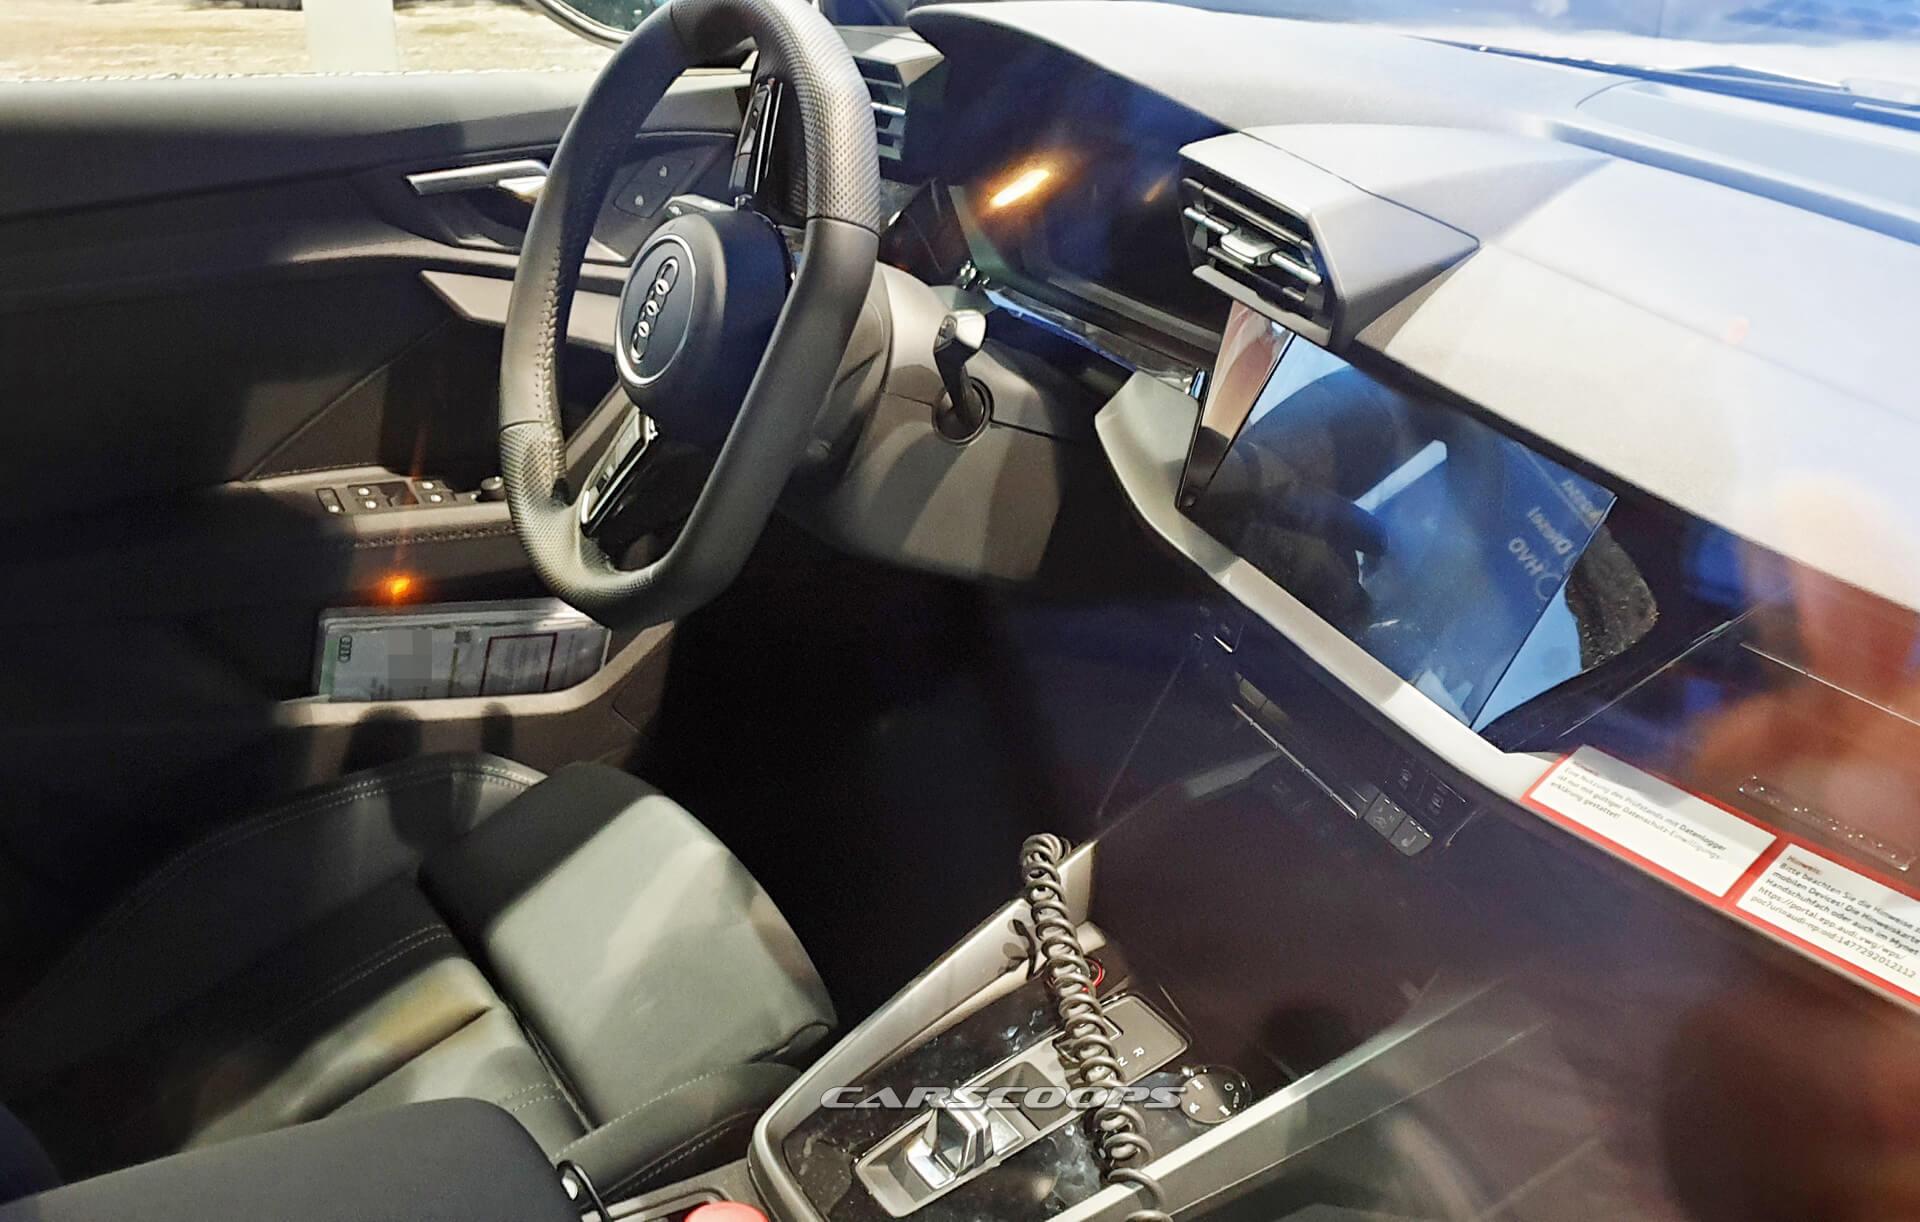 Nuova Audi A3 S3 2020, gli interni in Anteprima Mondiale